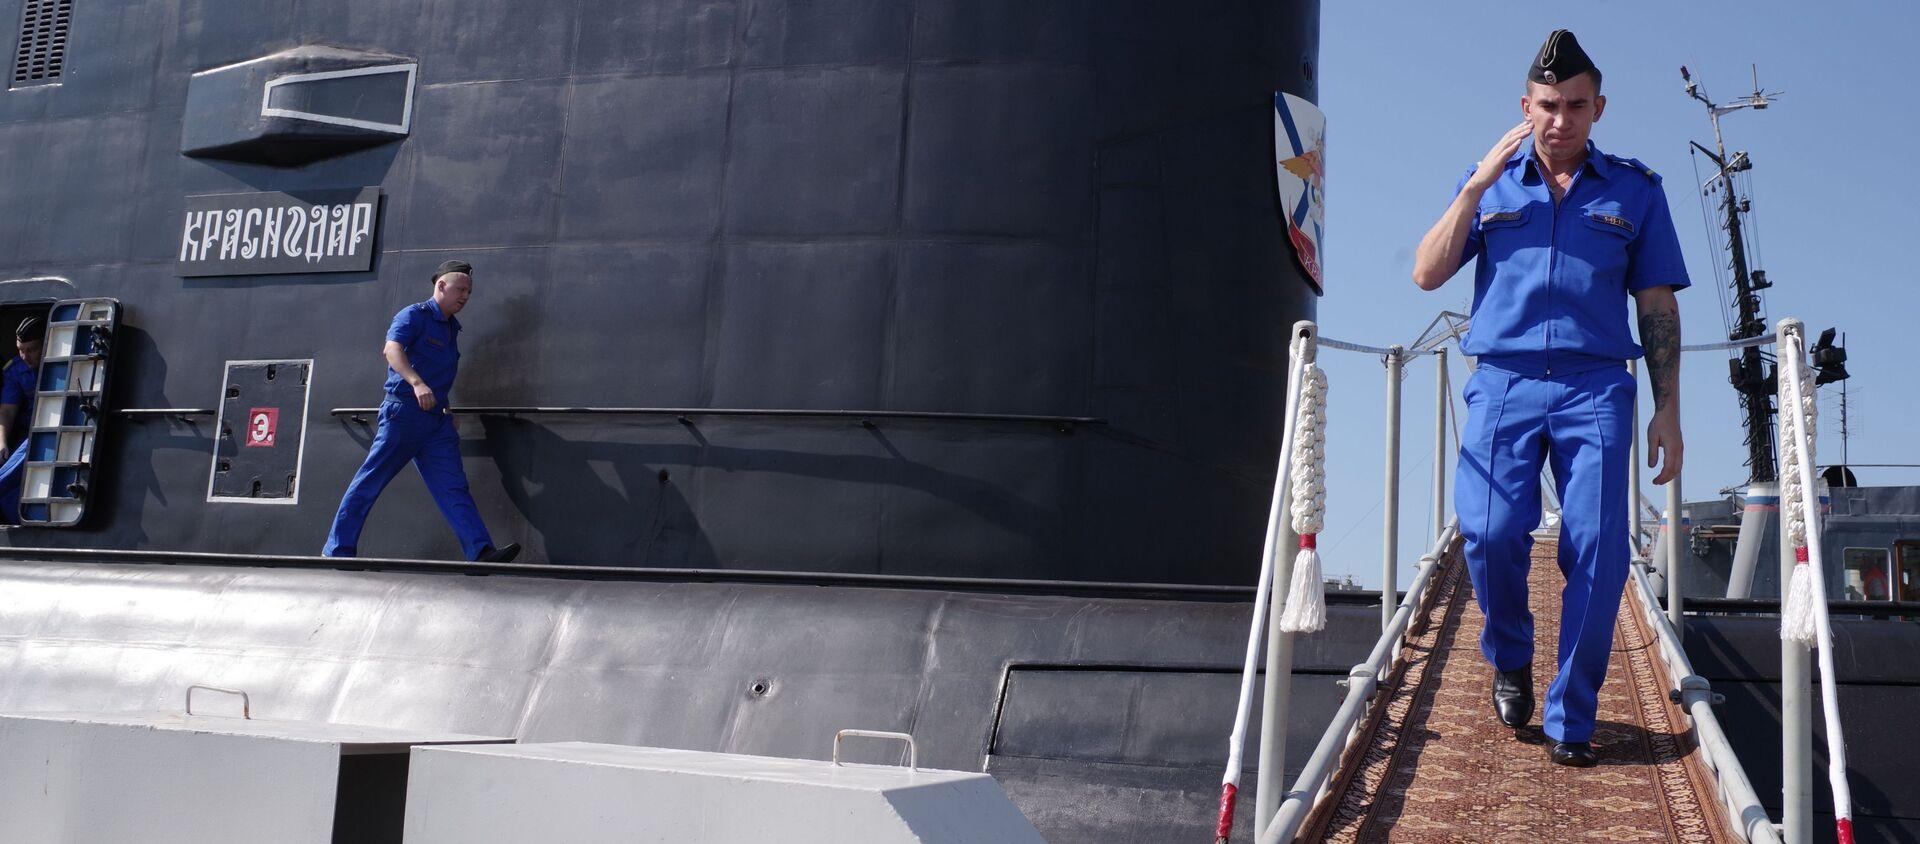 Załoga nowego okrętu podwodnego Krasnodar w Sewastopolu - Sputnik Polska, 1920, 19.03.2021